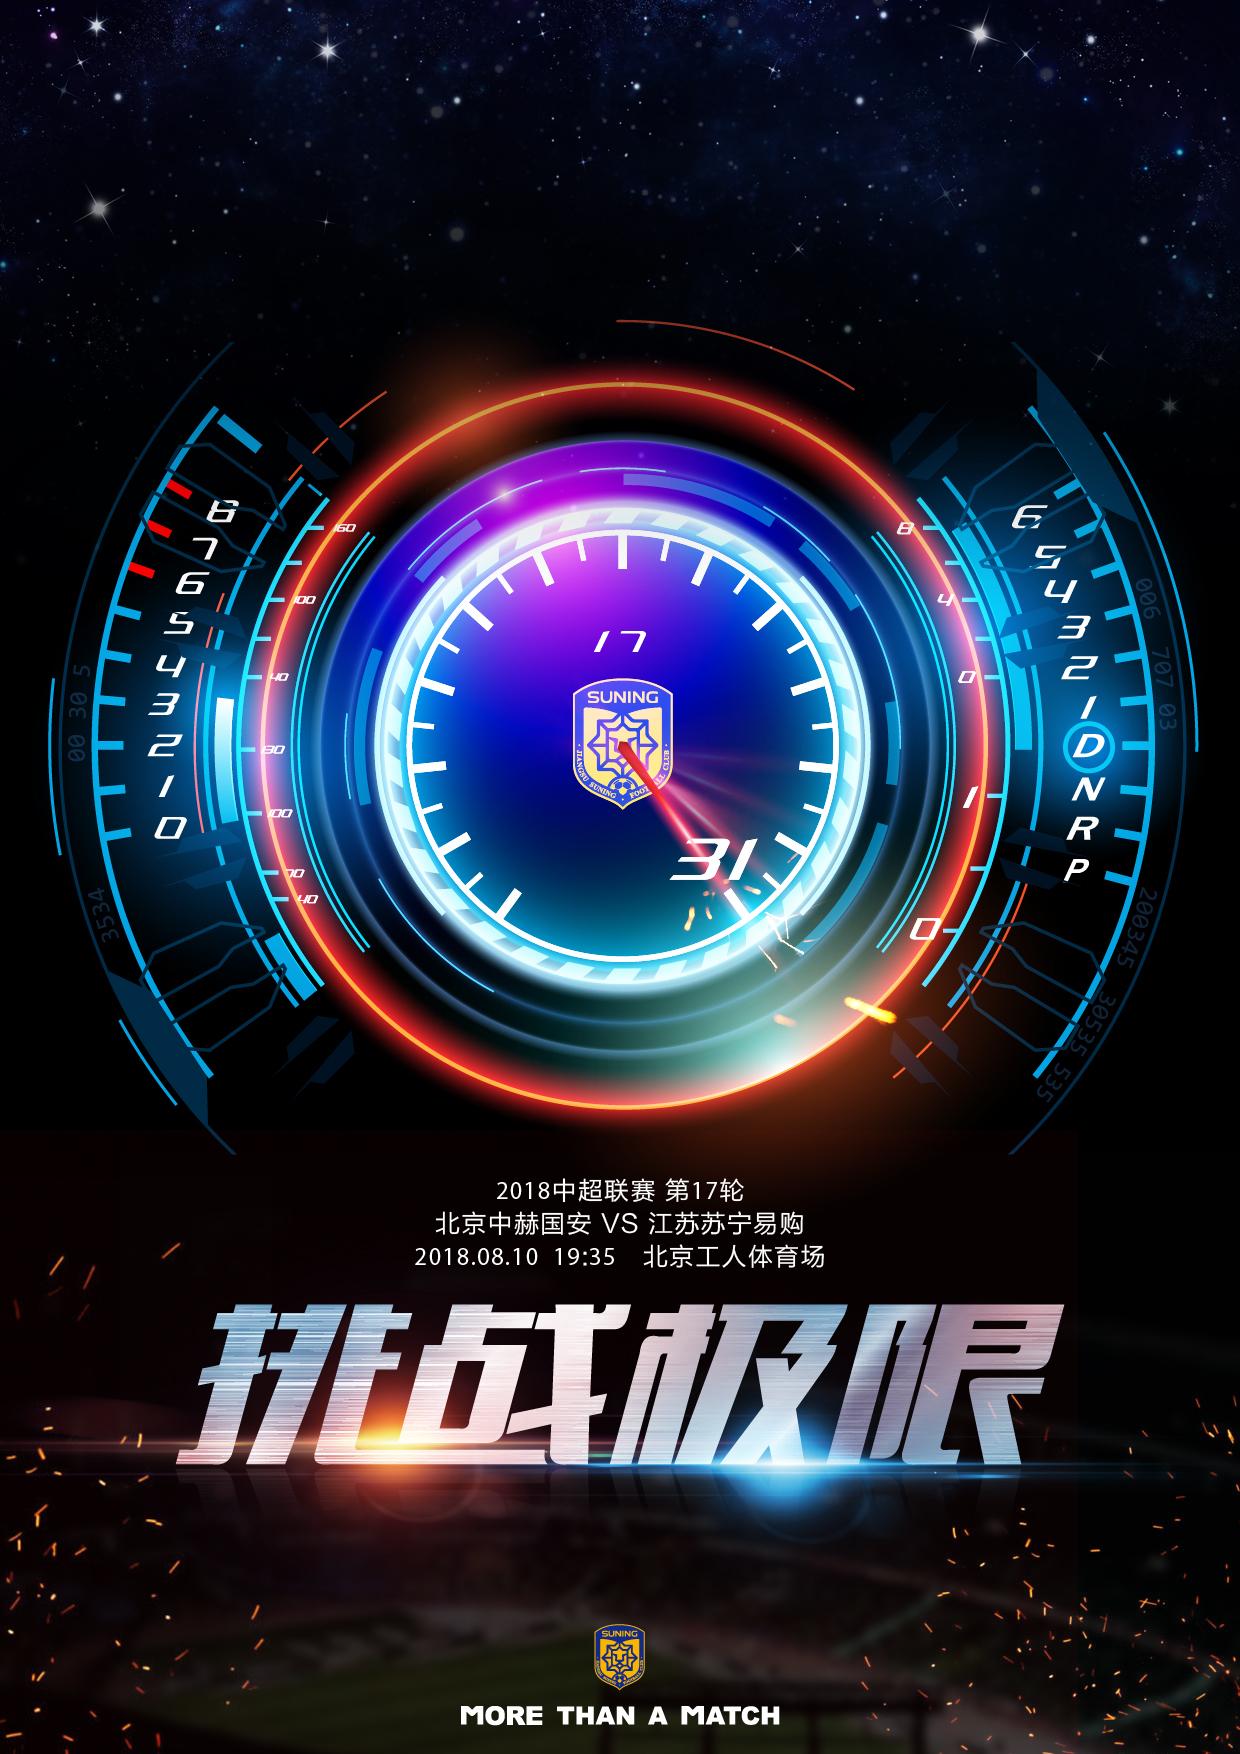 江苏苏宁发布中超对阵北京国安海报:挑战极限